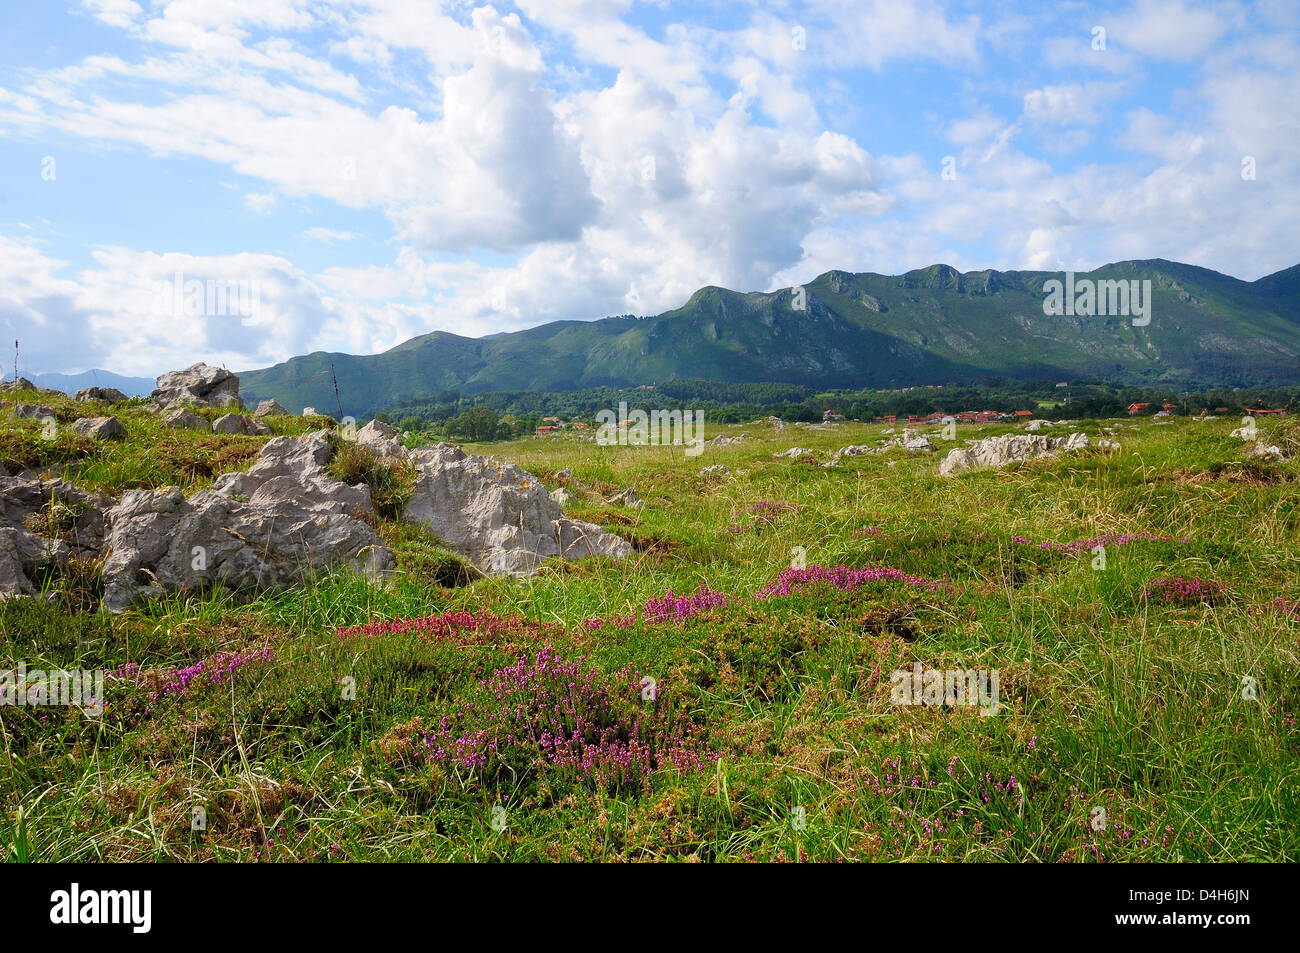 Heather méditerranéen floraison avec des pics d''Europe en arrière-plan, Ribadesella, Asturies, Photo Stock